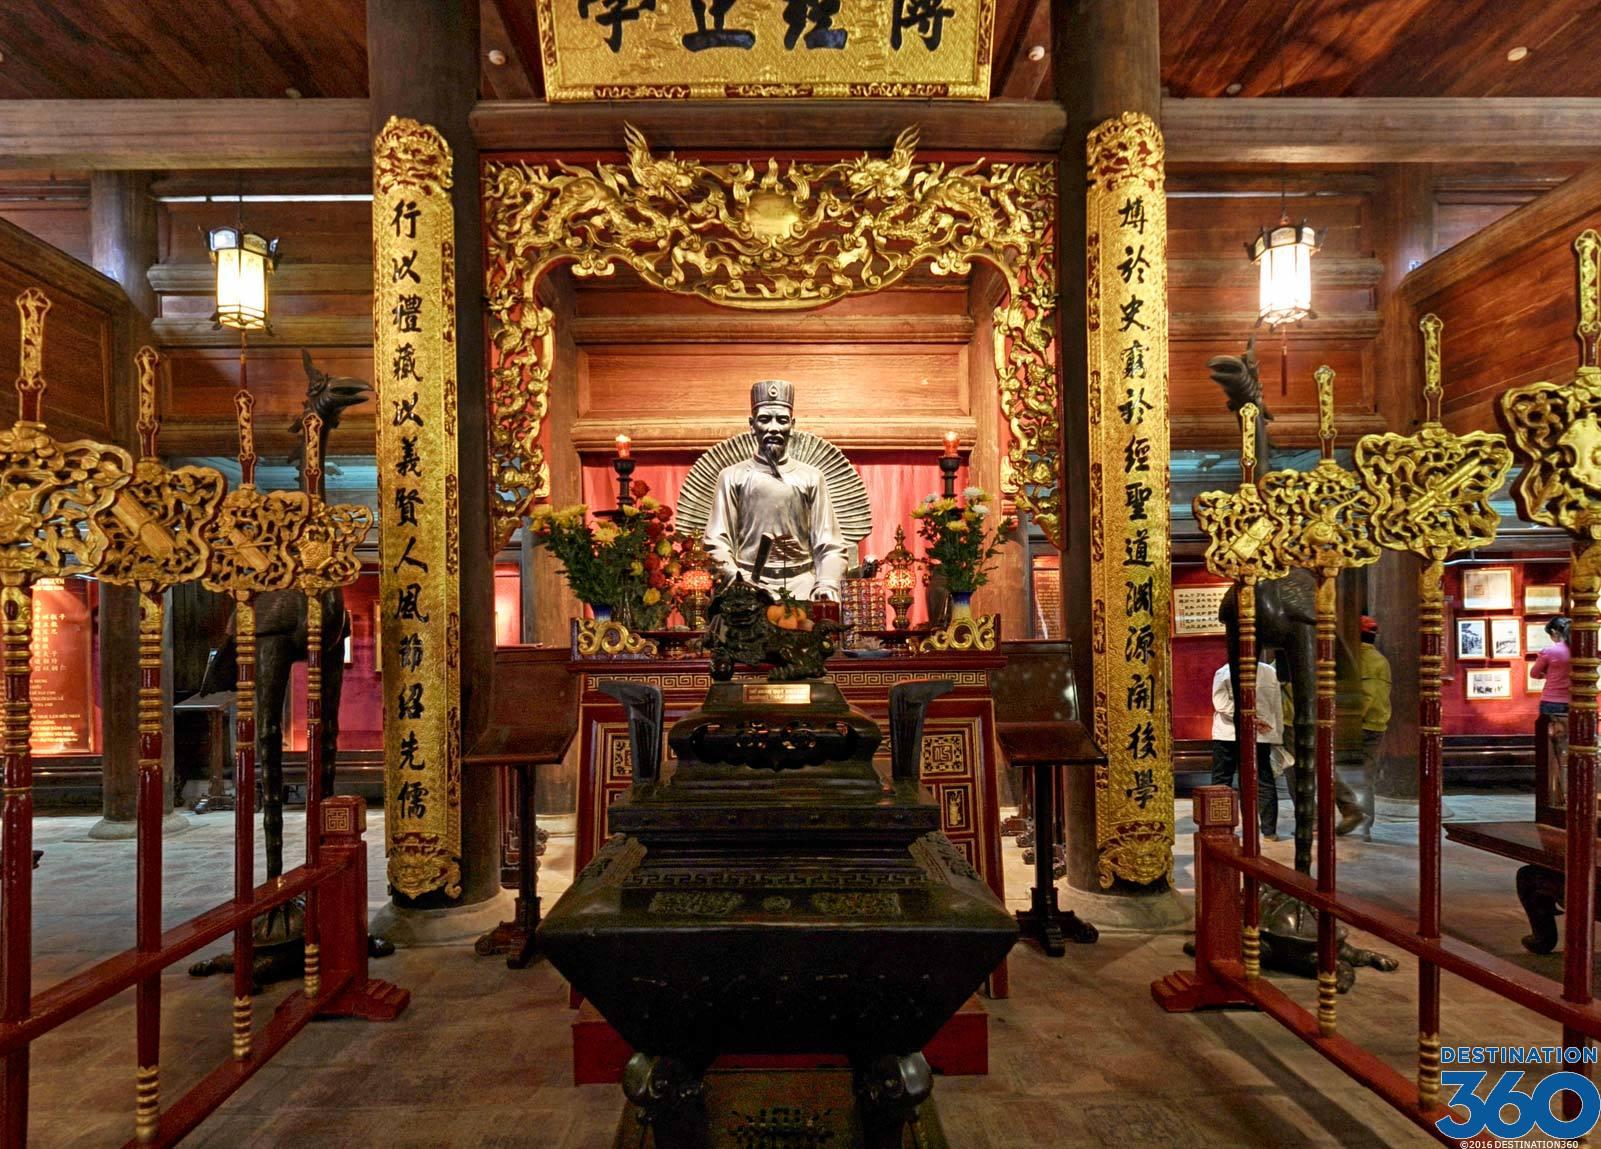 Vietnam Temples Temple Of Literature Temples In Hanoi